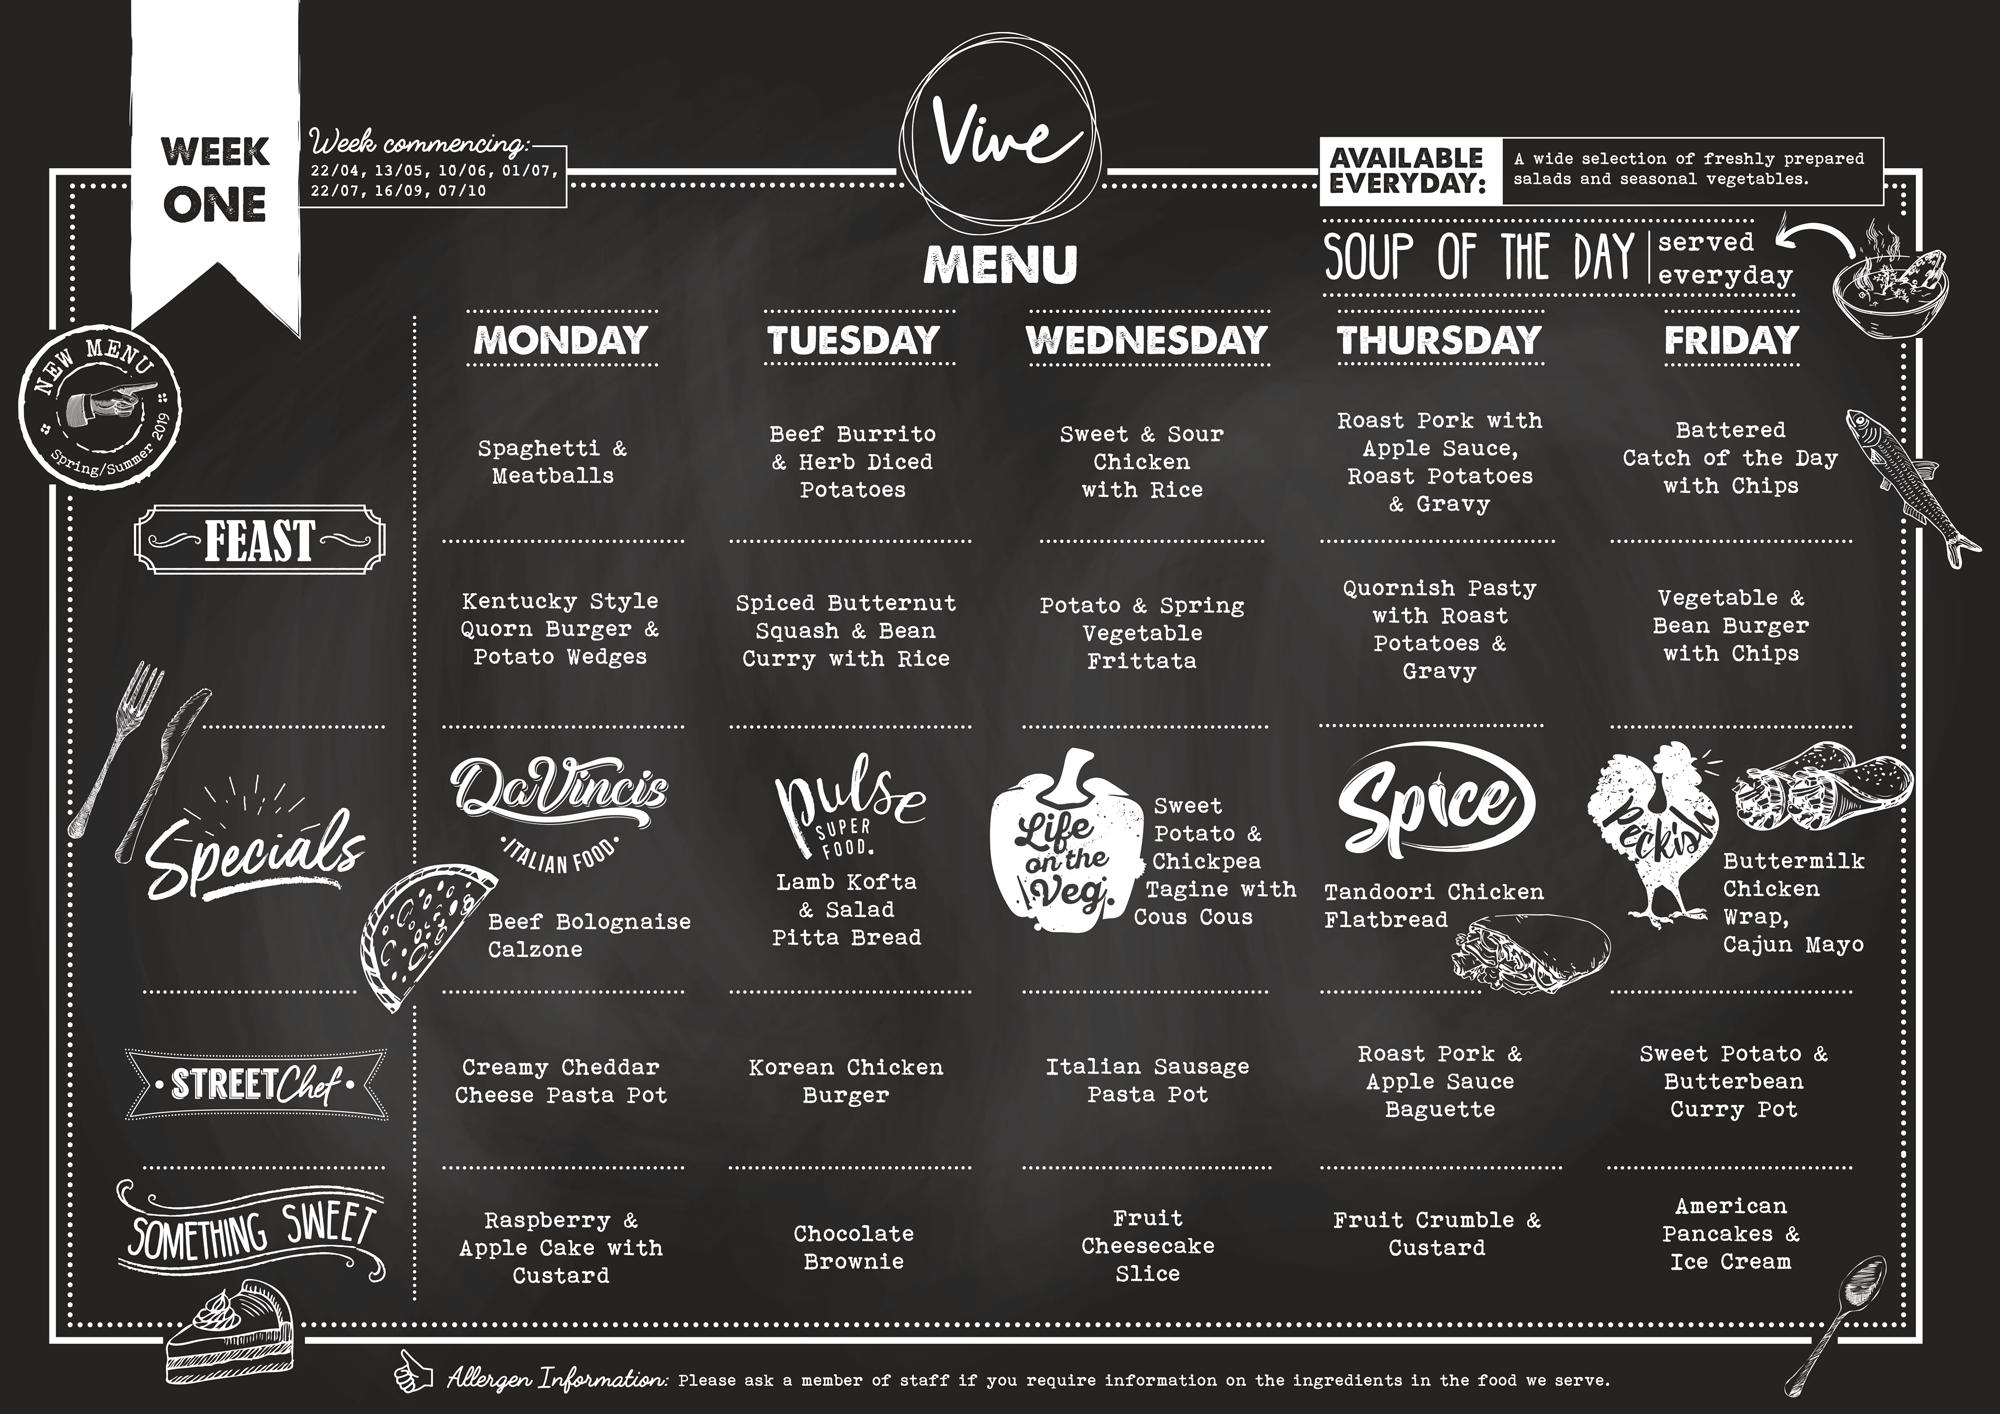 Vive Week One